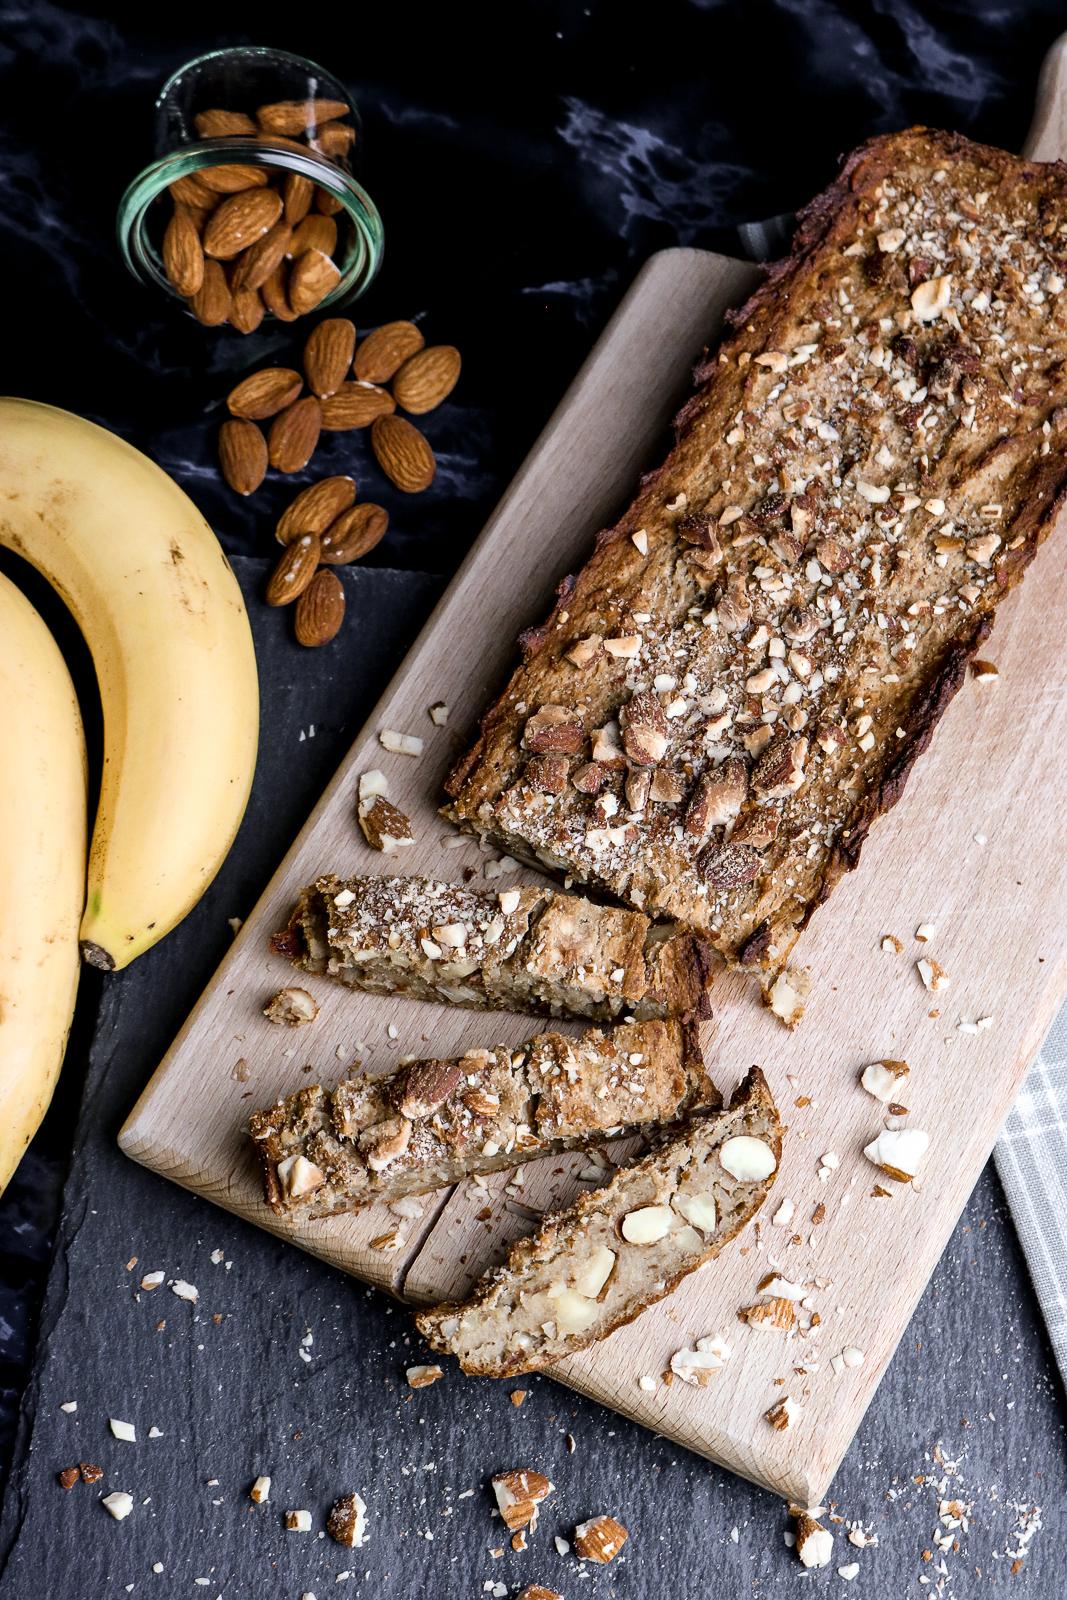 Veganes Bananenbrot - einfach und gesund - schnellstes Bananenbrot mit wenigen Zutaten - schnelles Rezept - Bananenbrot einfach zubereiten - Bananenbrot ohne Mehl und Eier - gesundes Rezept - Fashionladyloves by Tamara Wagner - Lifestyle Blog